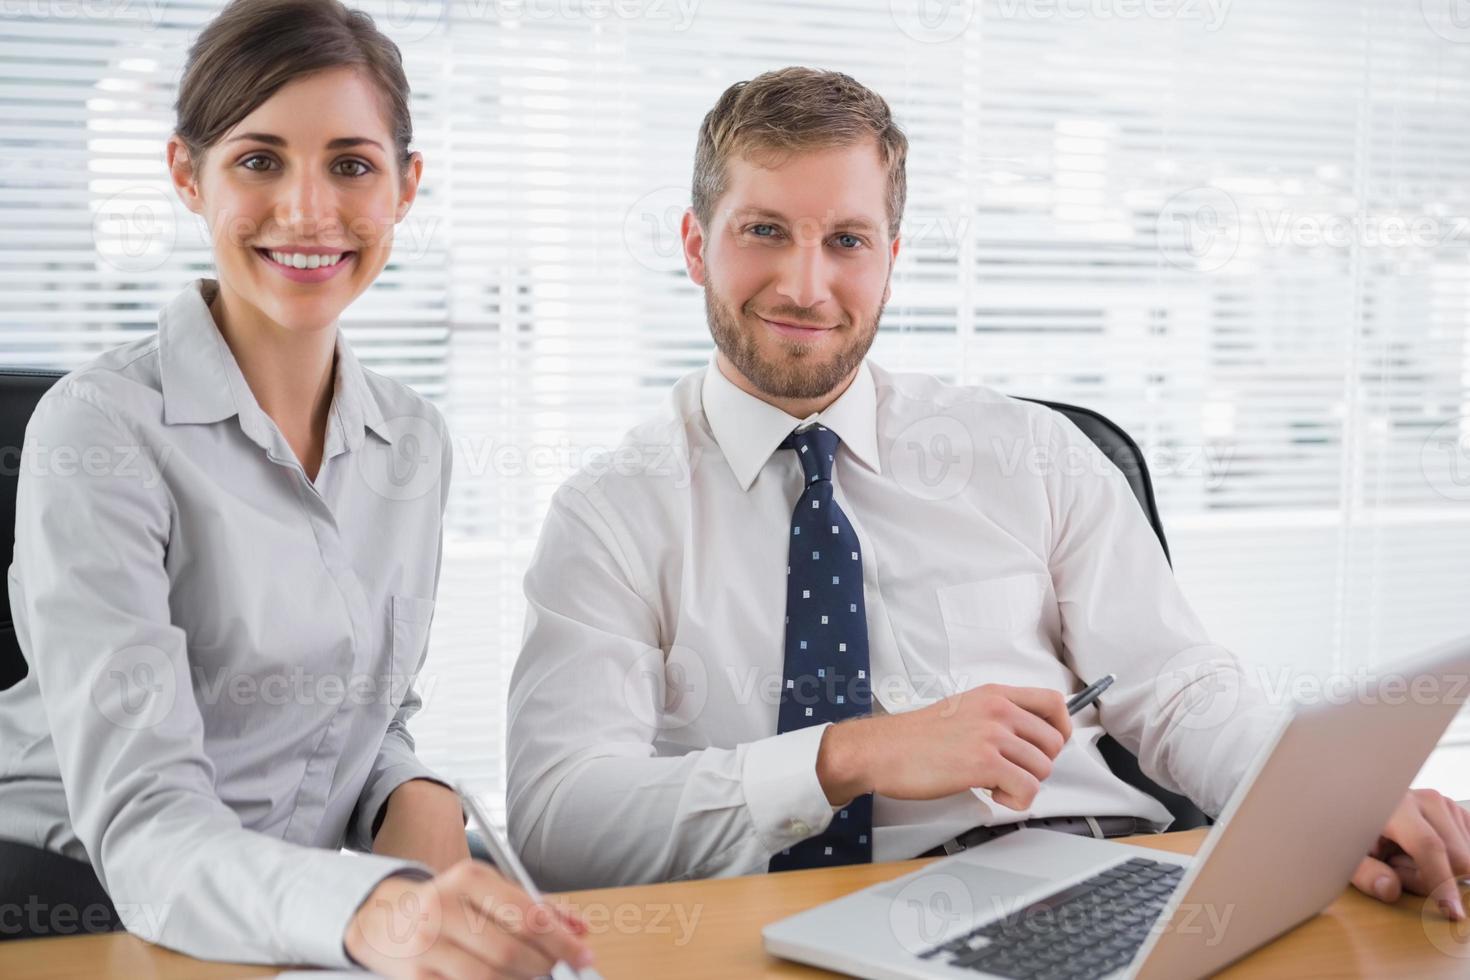 mensen uit het bedrijfsleven glimlachen op camera met laptop foto